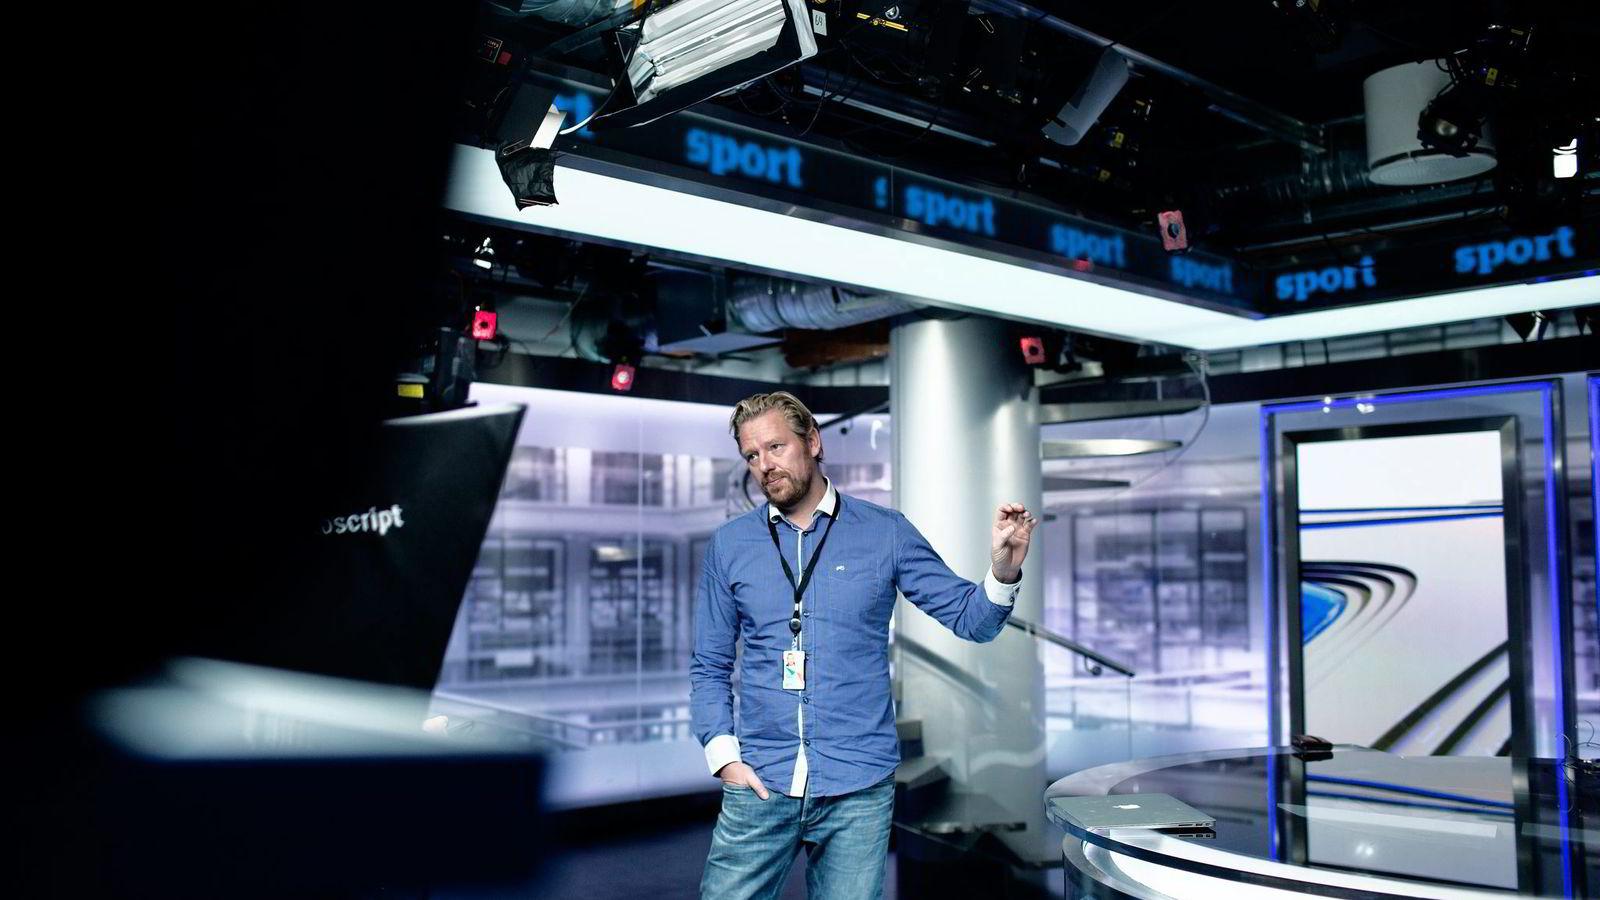 Nyhetsredaktør Jan Ove Årsæther i TV 2 sier kanalen vil falle bort om ikke kundene ser den som en reel NRK-konkurrent. Foto: